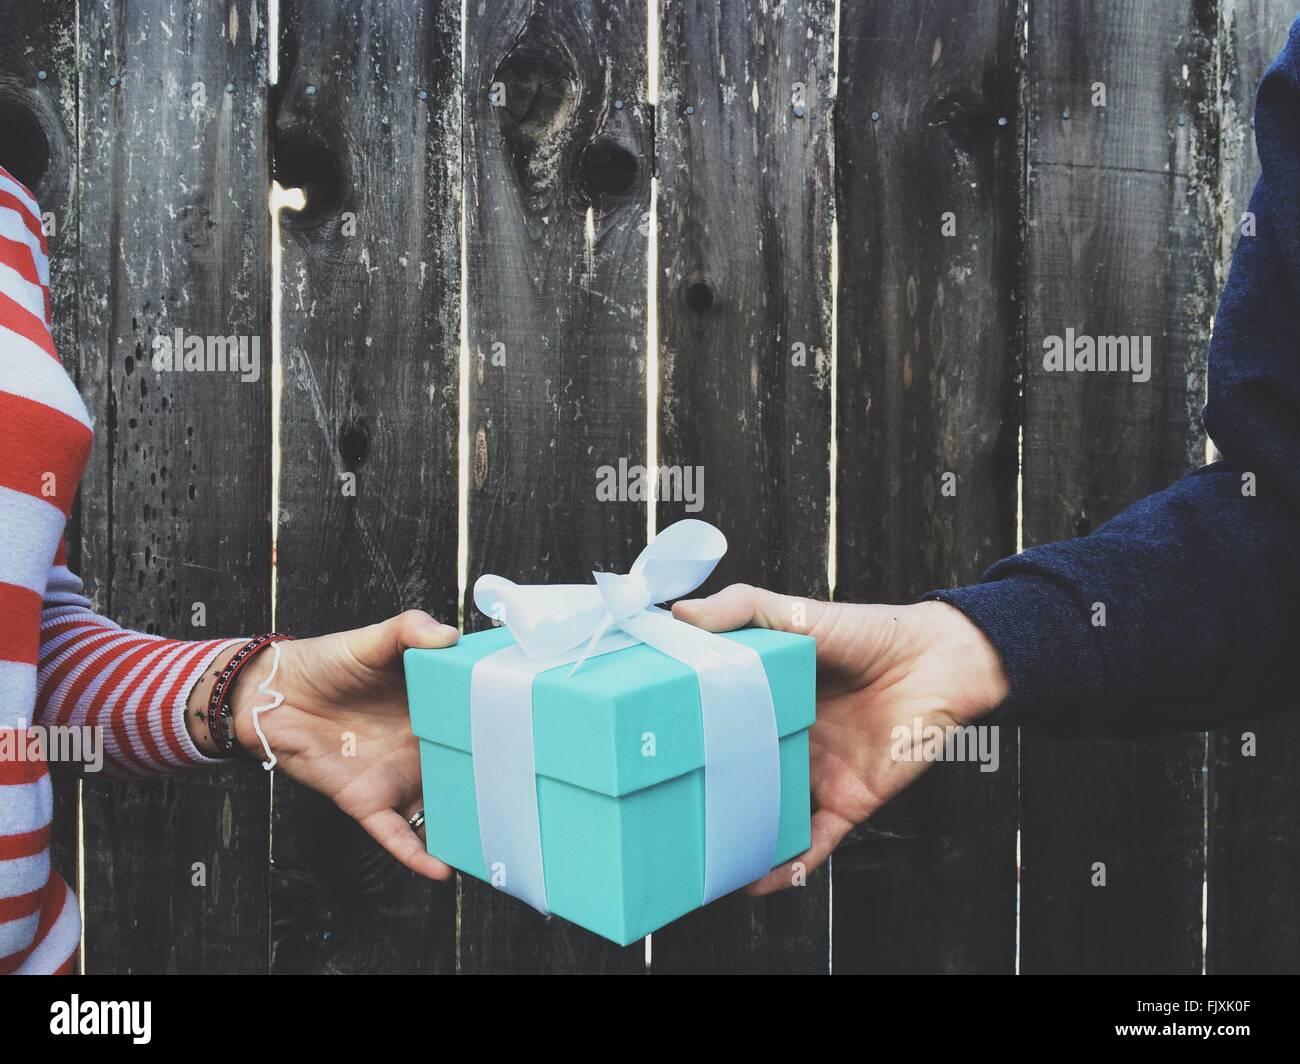 Bild von Händen mit Geschenkbox gegen Holzzaun beschnitten Stockbild